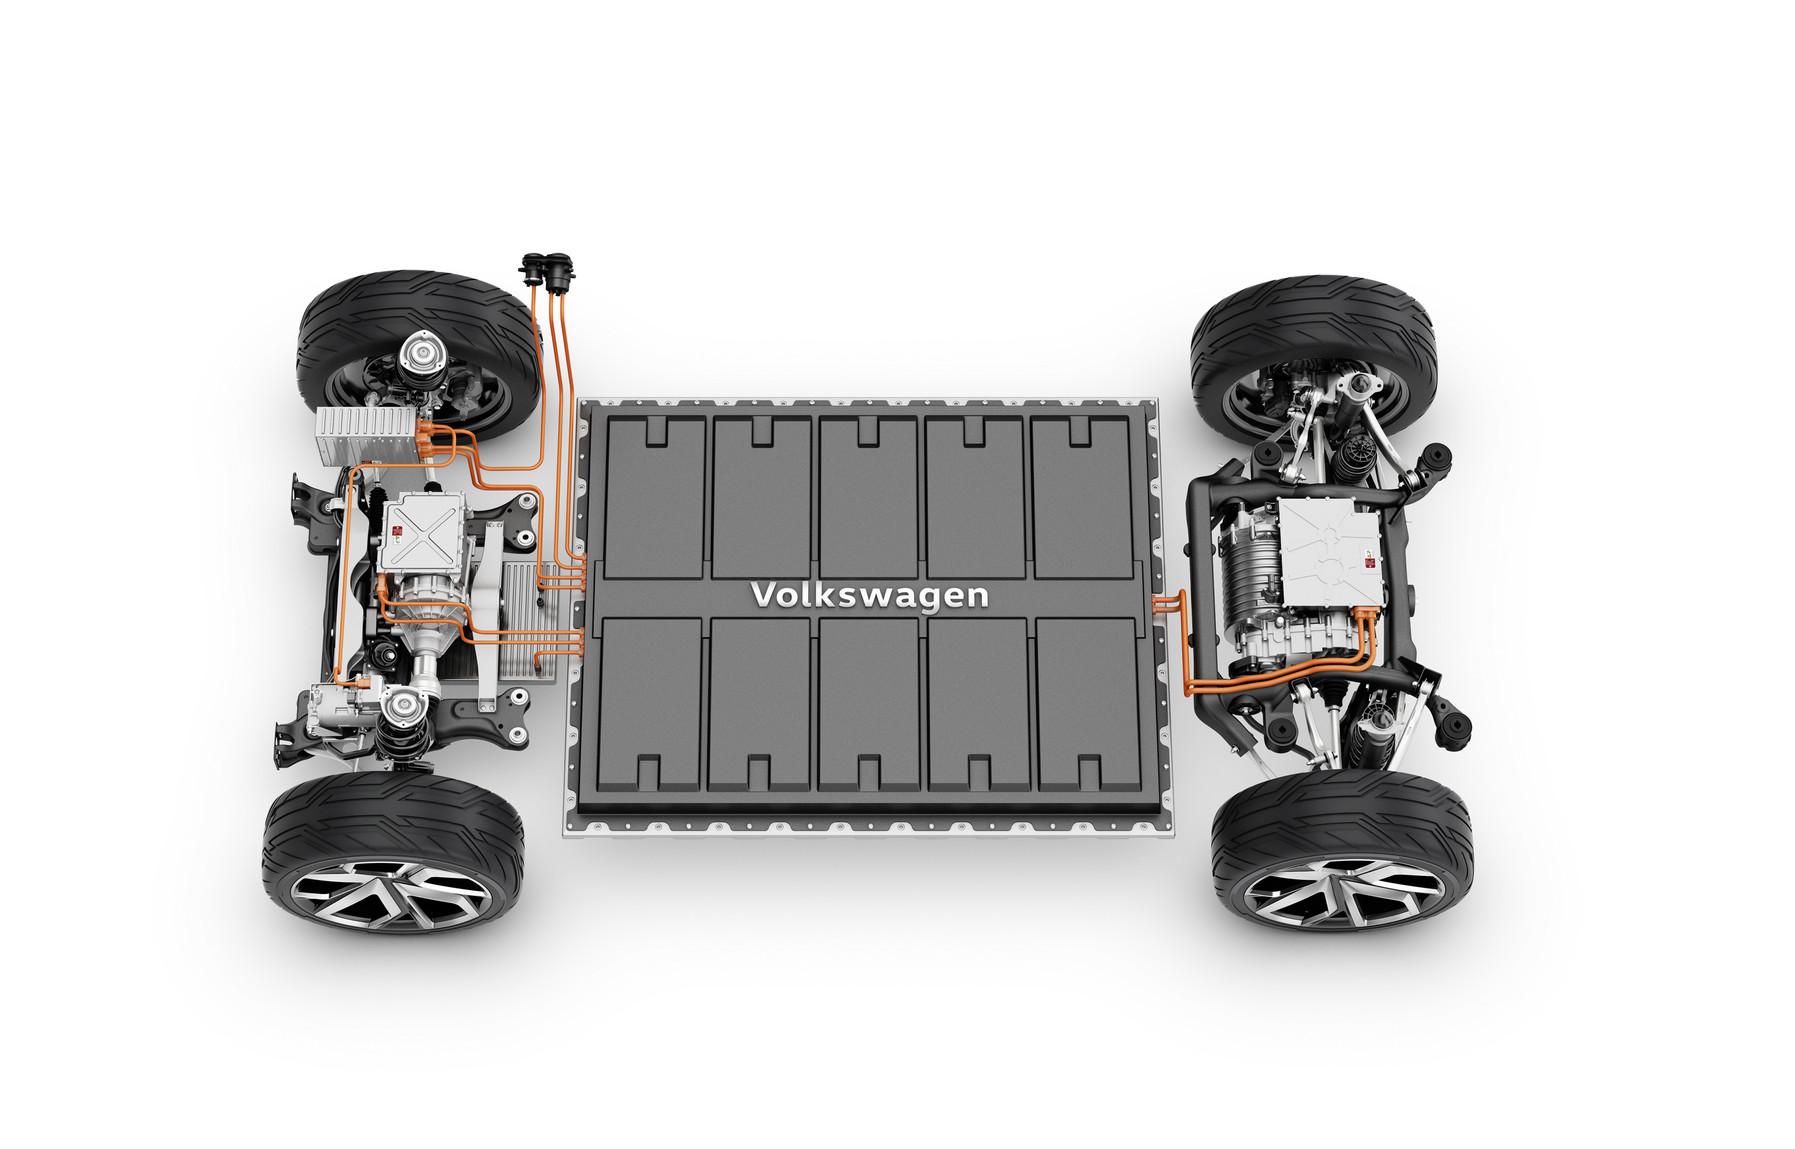 masini electrice volkswagen acumulatori